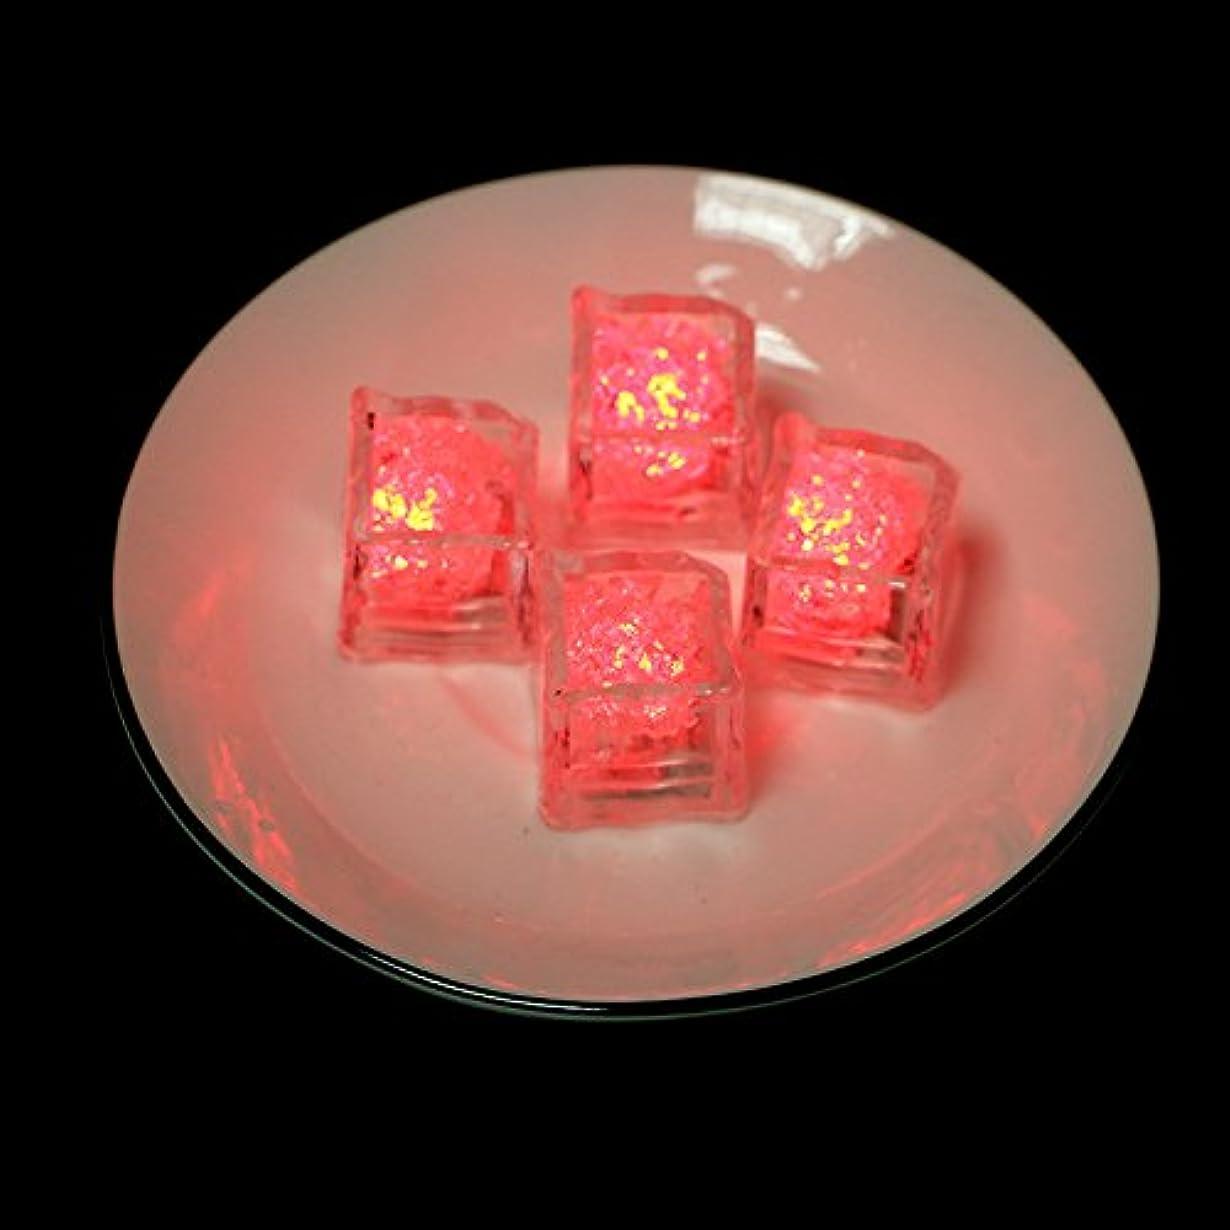 スロー人事証言ThreeCat キューブライト アイスライト 12個セットキューブアイス 光る氷 LEDセンサーライト 溶けない氷カラフル 防水 飾るライト マルチカラー 結婚式 忘年会 パーティークラブ シャンペンタワー size 12pcs (赤い色)